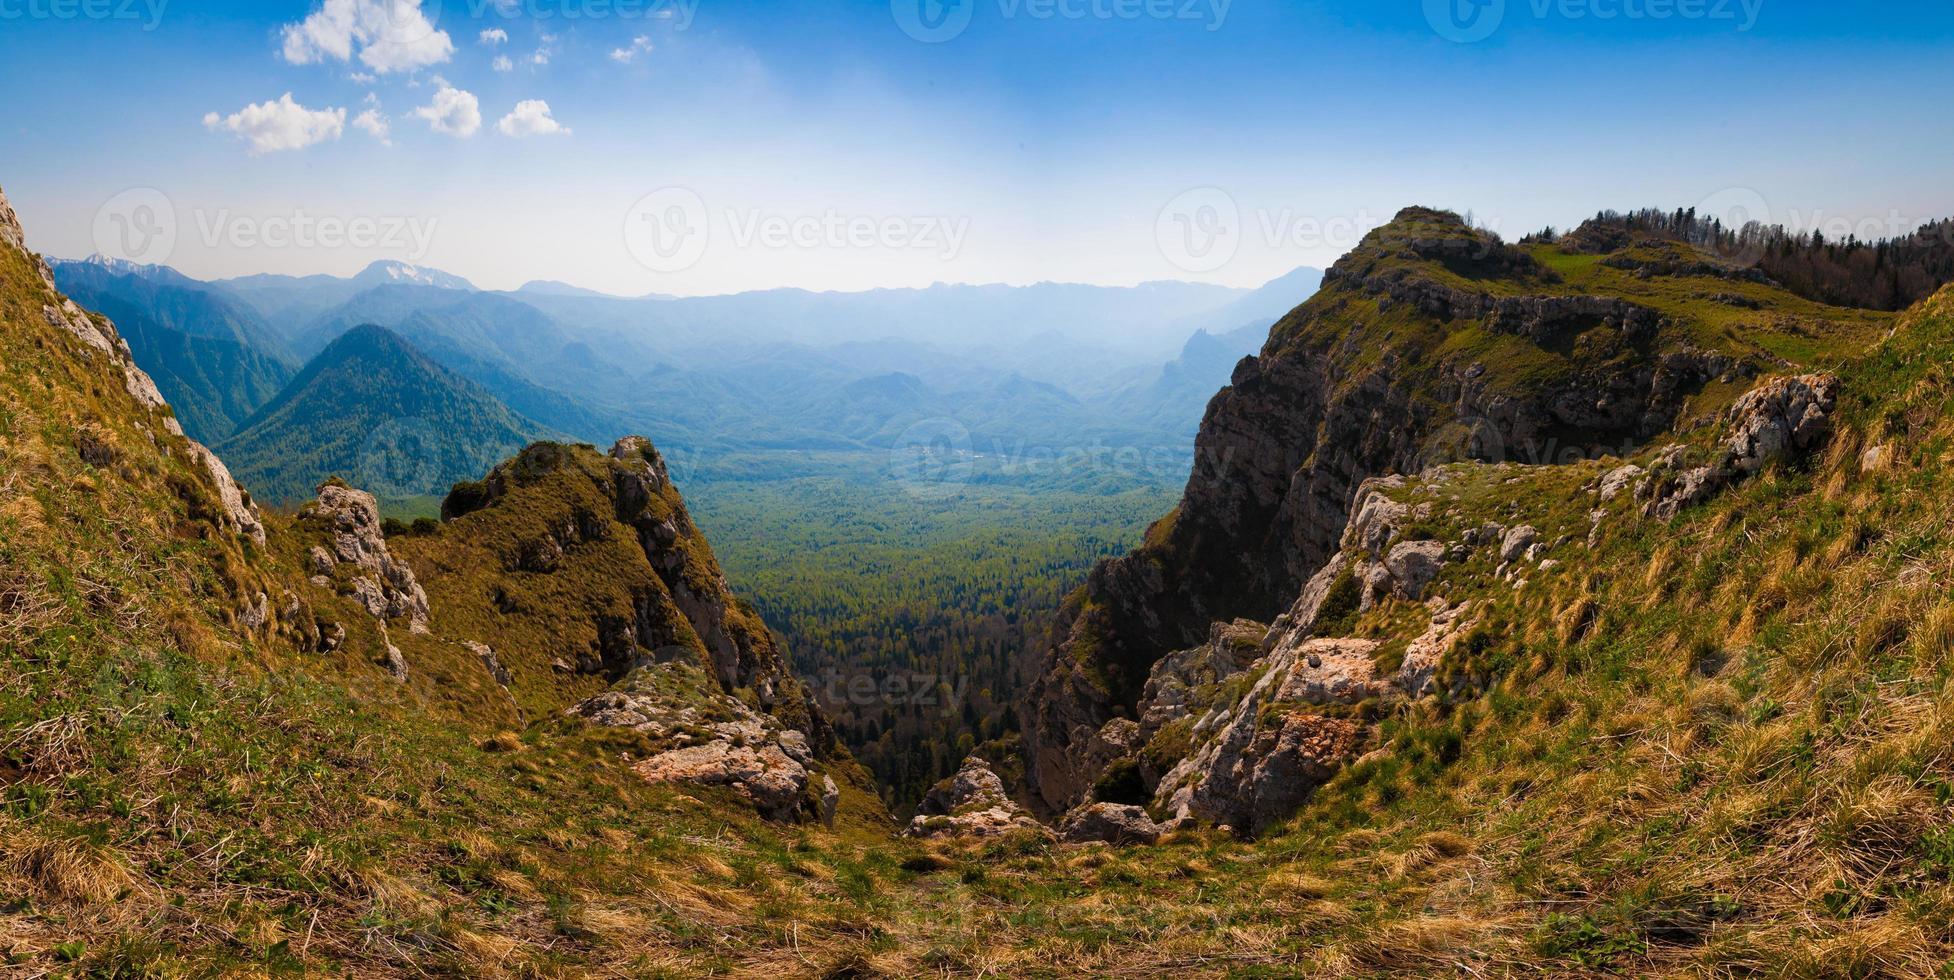 giornata estiva in montagna foto